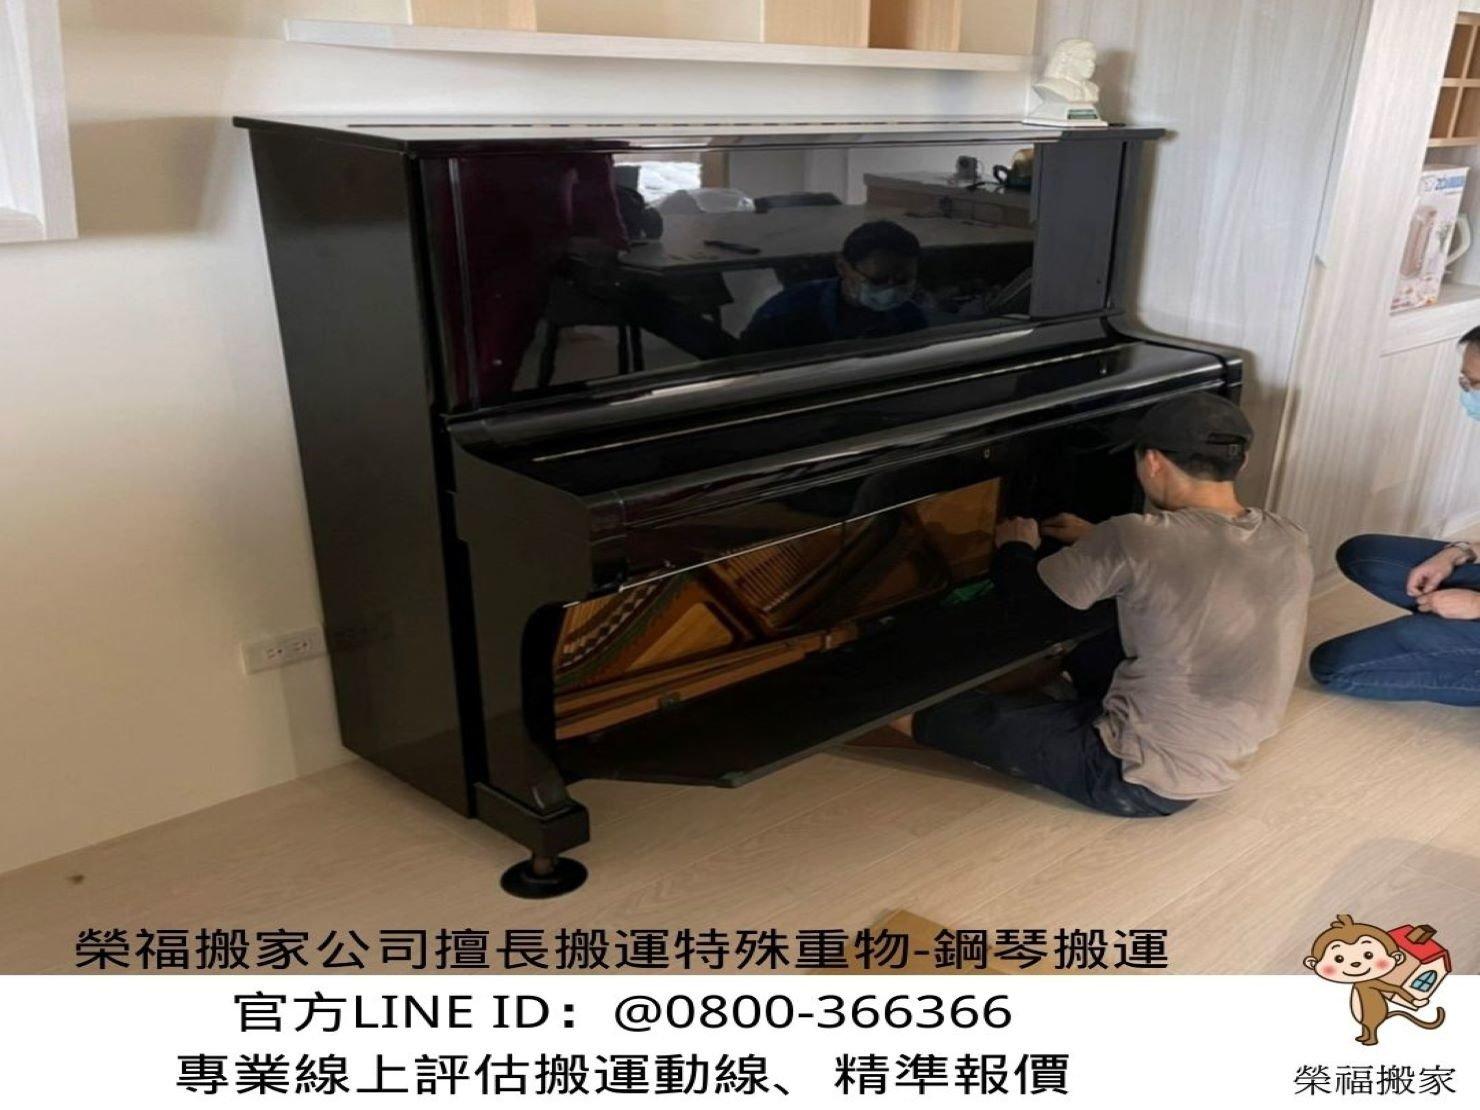 【鋼琴搬運】怎樣才算安全保護搬鋼琴?看榮福搬家搬鋼琴團隊如何搬鋼琴及簡易拆裝鋼琴服務